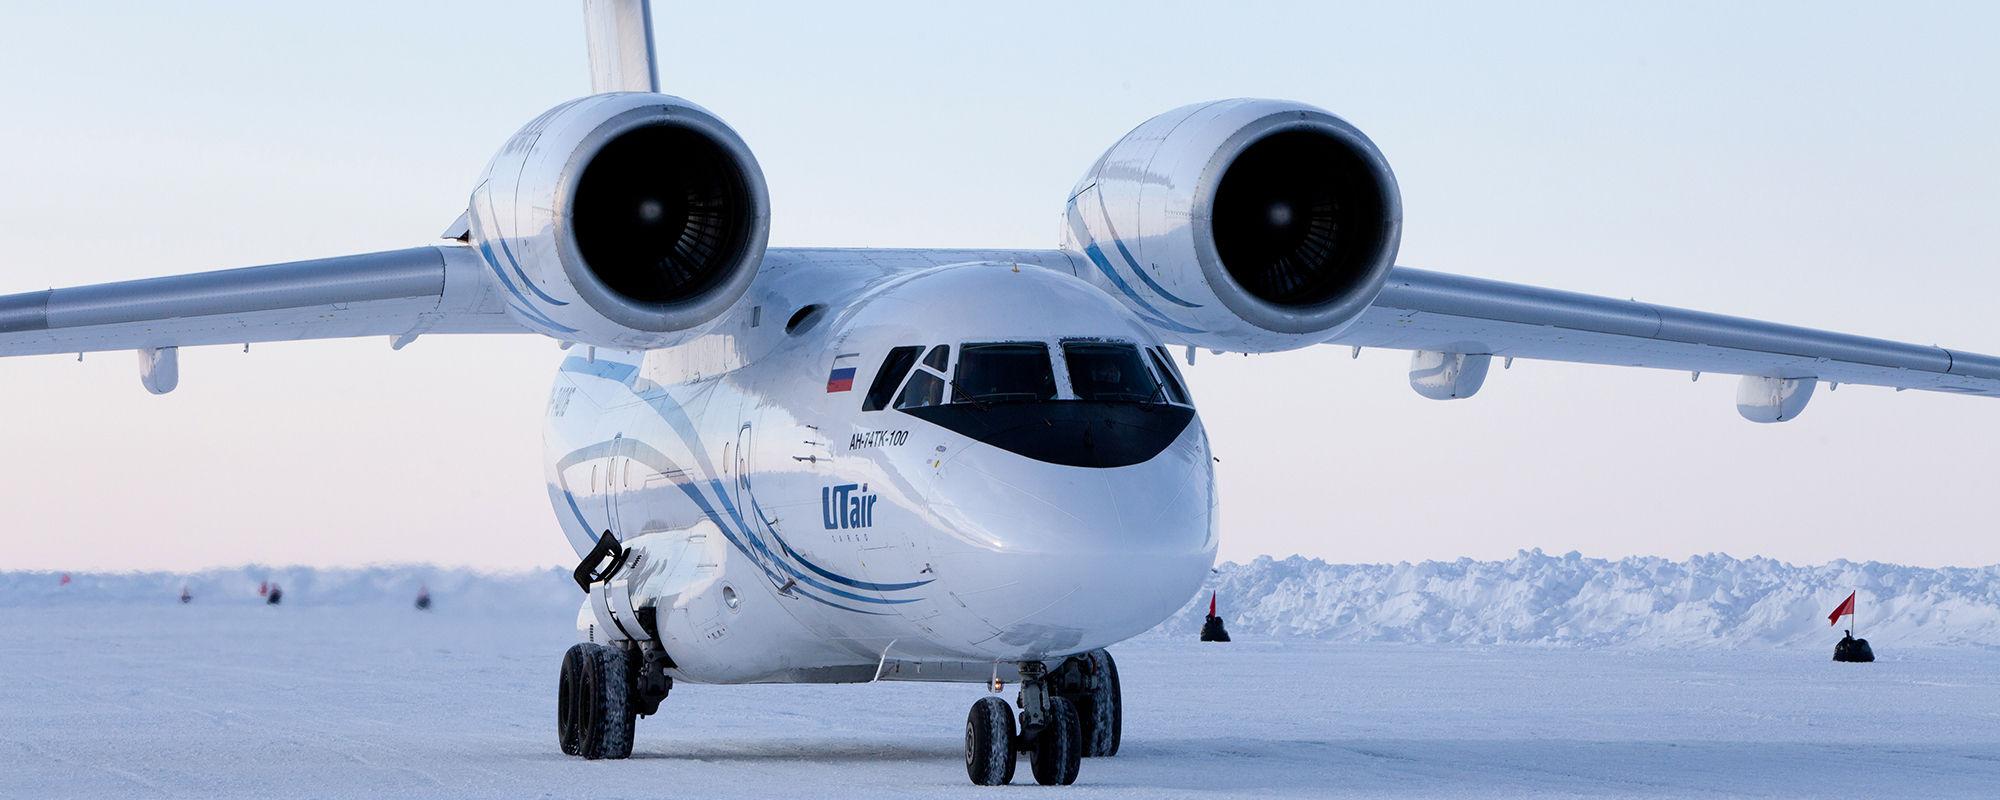 Flug zum Nordpol